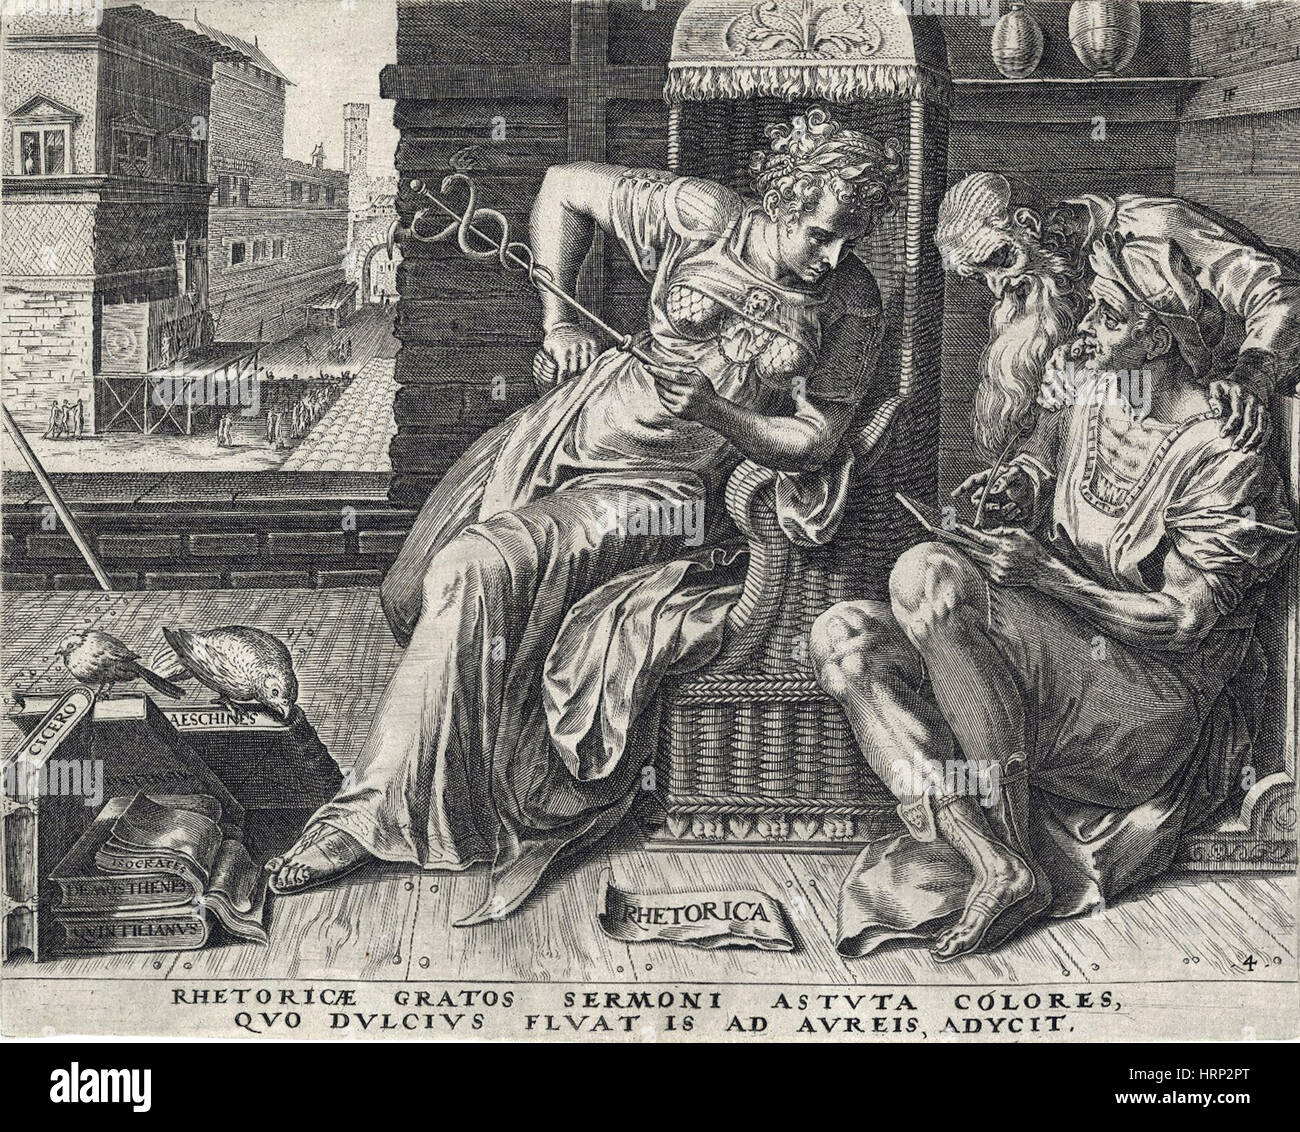 Personnification de la rhétorique, 16e siècle Photo Stock